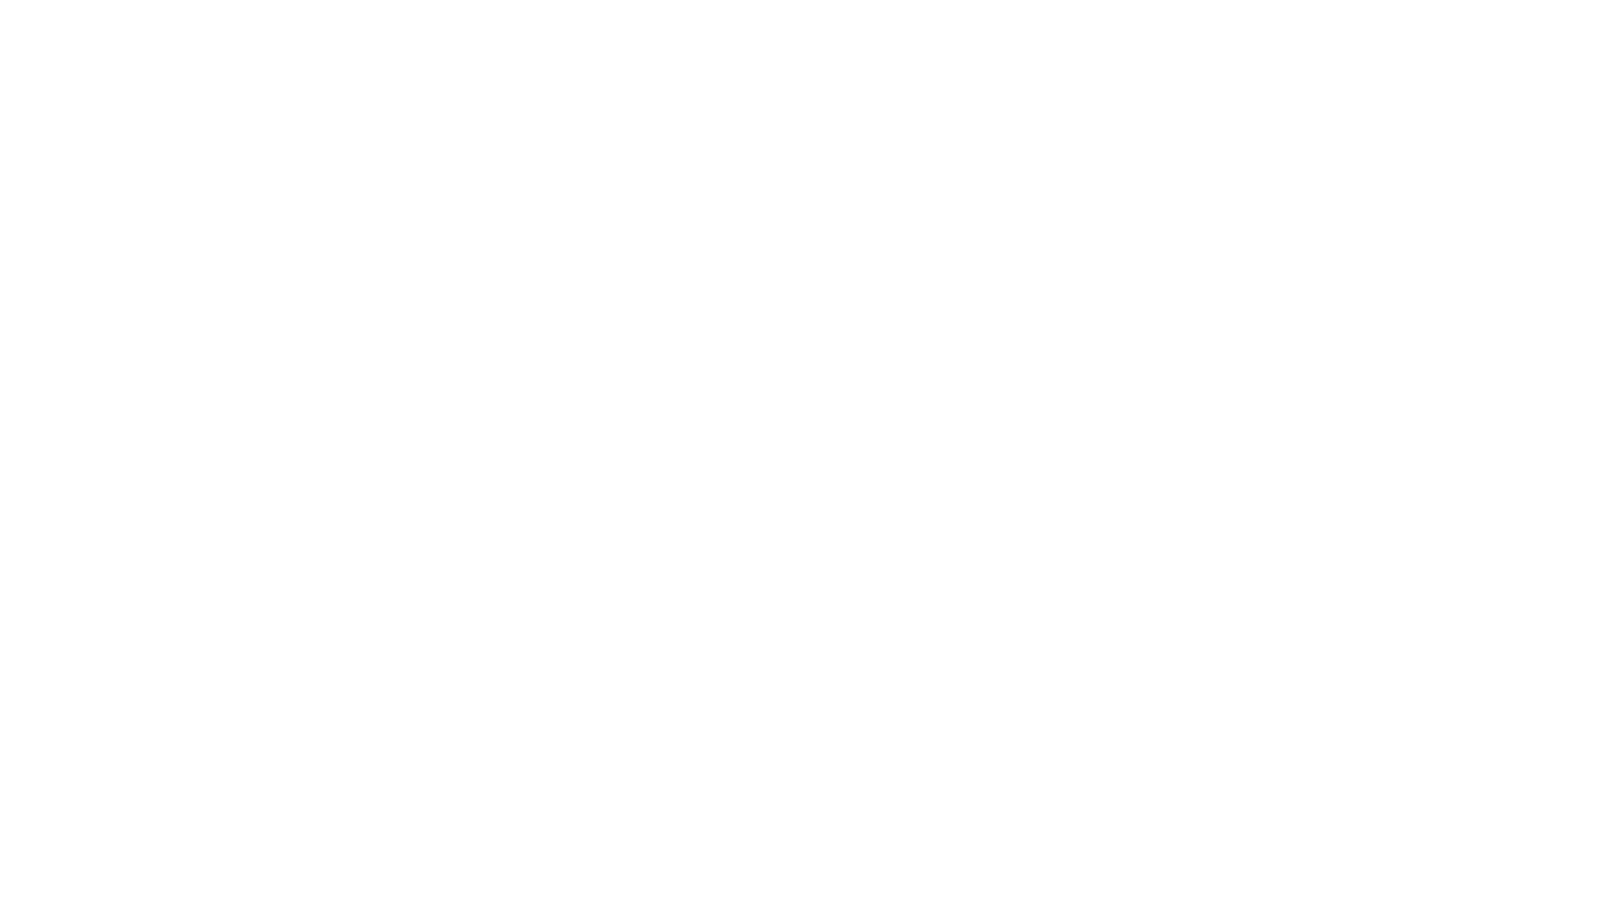 Demolición del edificio de ADIF en San José Obrero en Jerez. Esta actuación es una reivindicación histórica de los vecinos de la zona. 15 octubre 2021. Intervienen: Delegado de Urbanismo de la ciudad de Jerez, José Antonio Díaz Hernández Presidente de la Asociación de vecinos San José Obrero fase I, II, y III Presidenta de la comunidad de propietarios de Urbanización Villajardín.